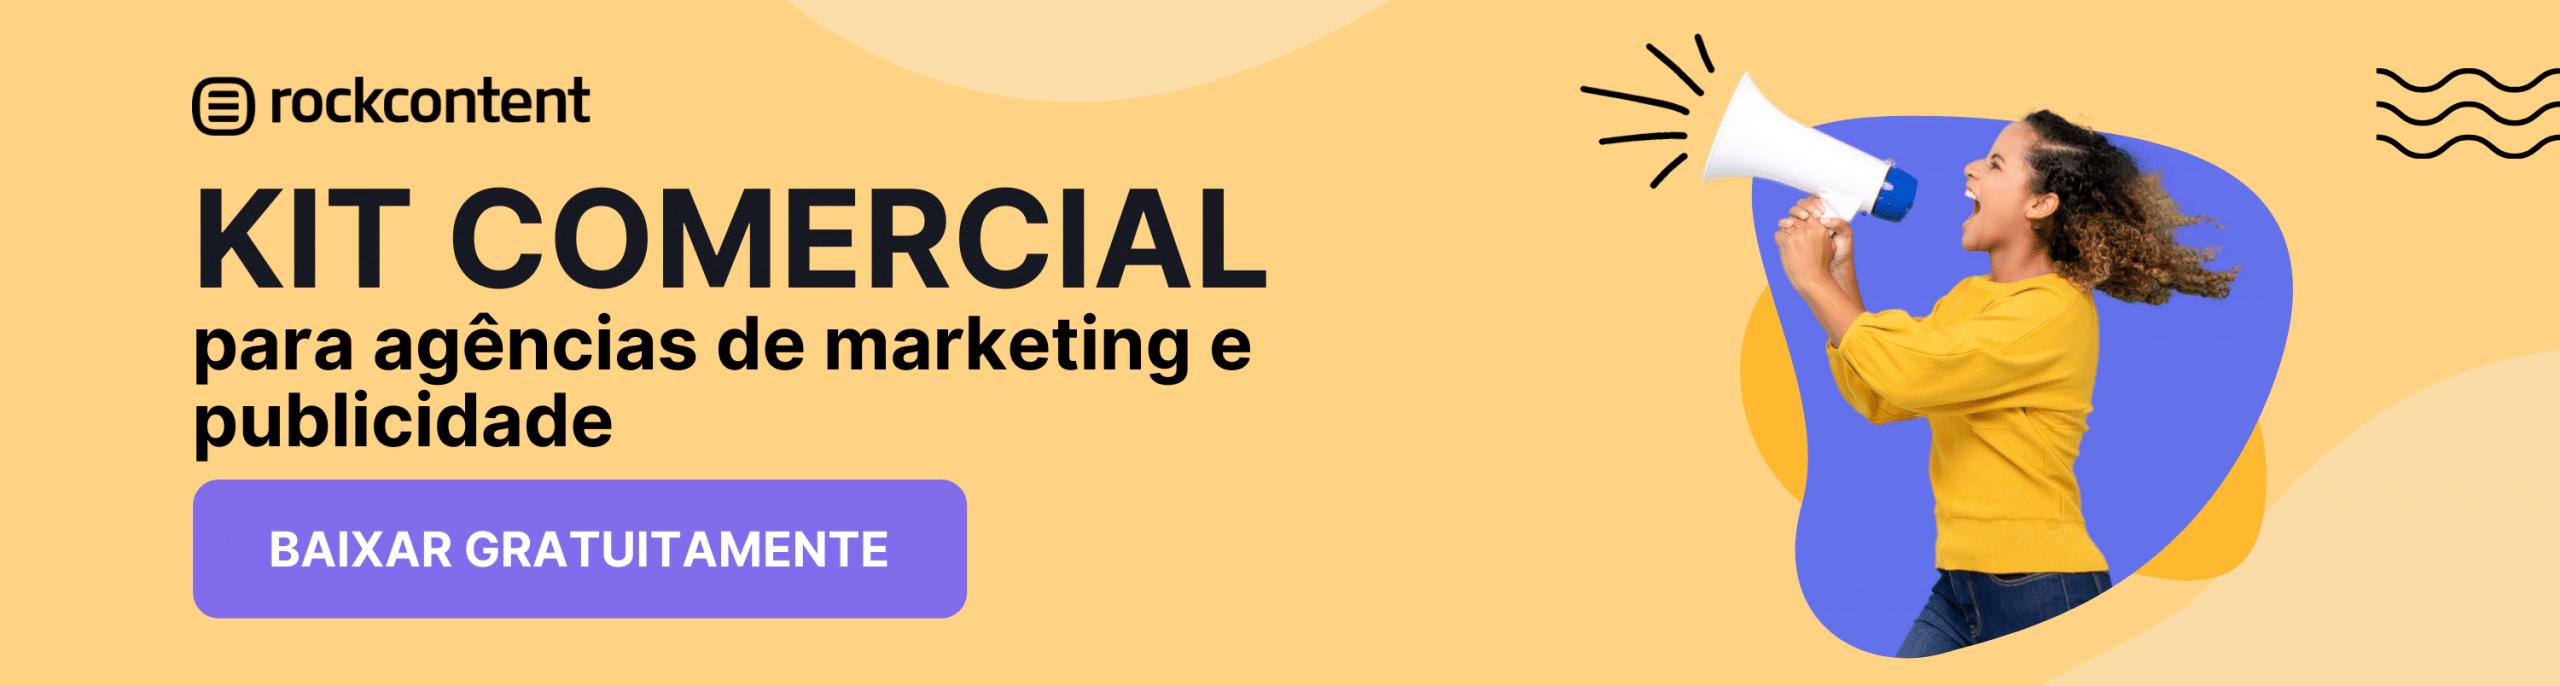 Kit Comercial para Agências de Marketing e Publicidade